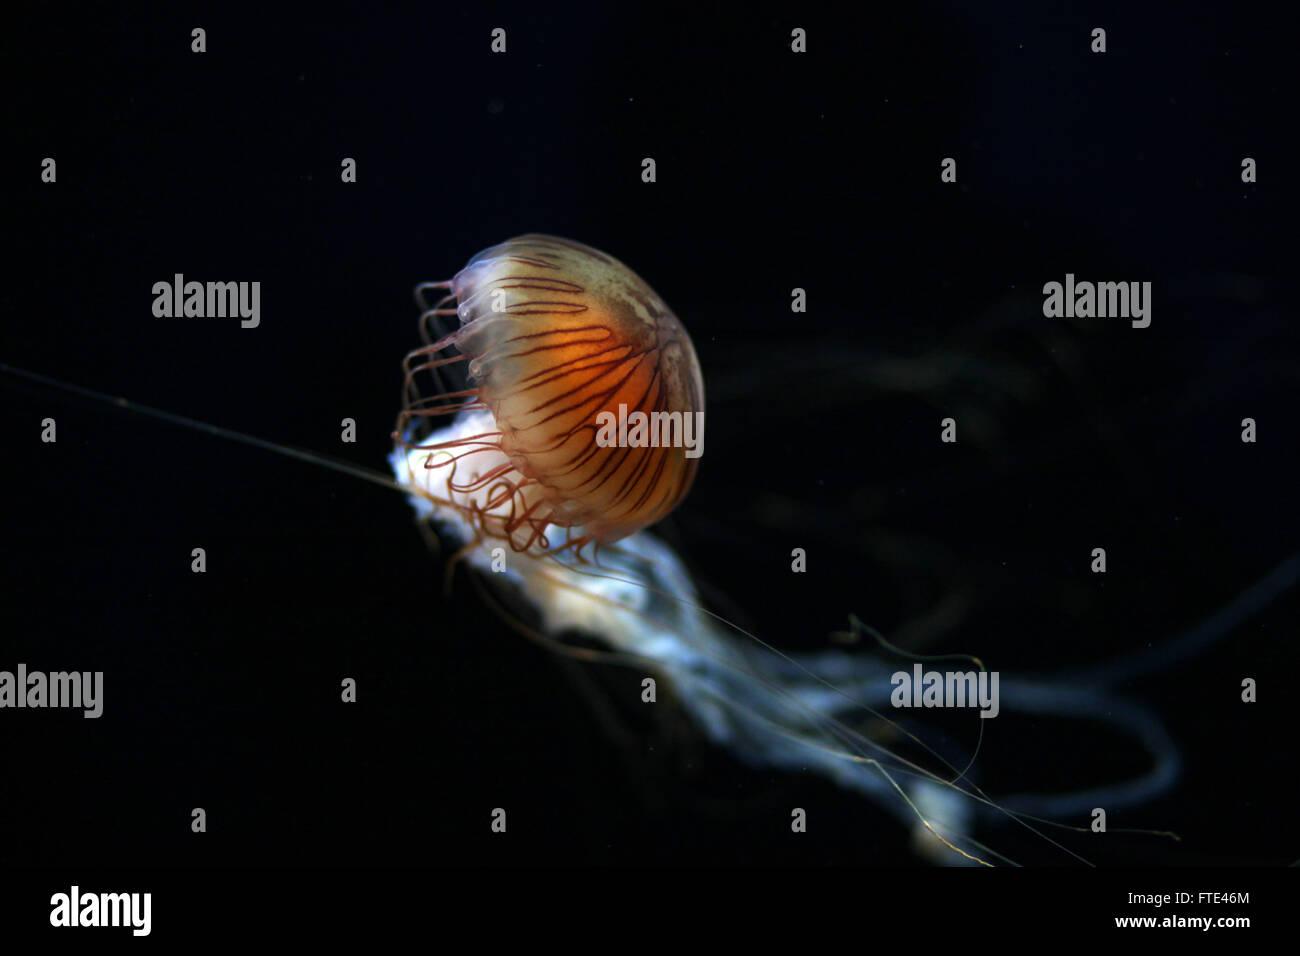 Las células punzante y veneno de la brújula medusas pueden producir weals duradero en los seres humanos Imagen De Stock